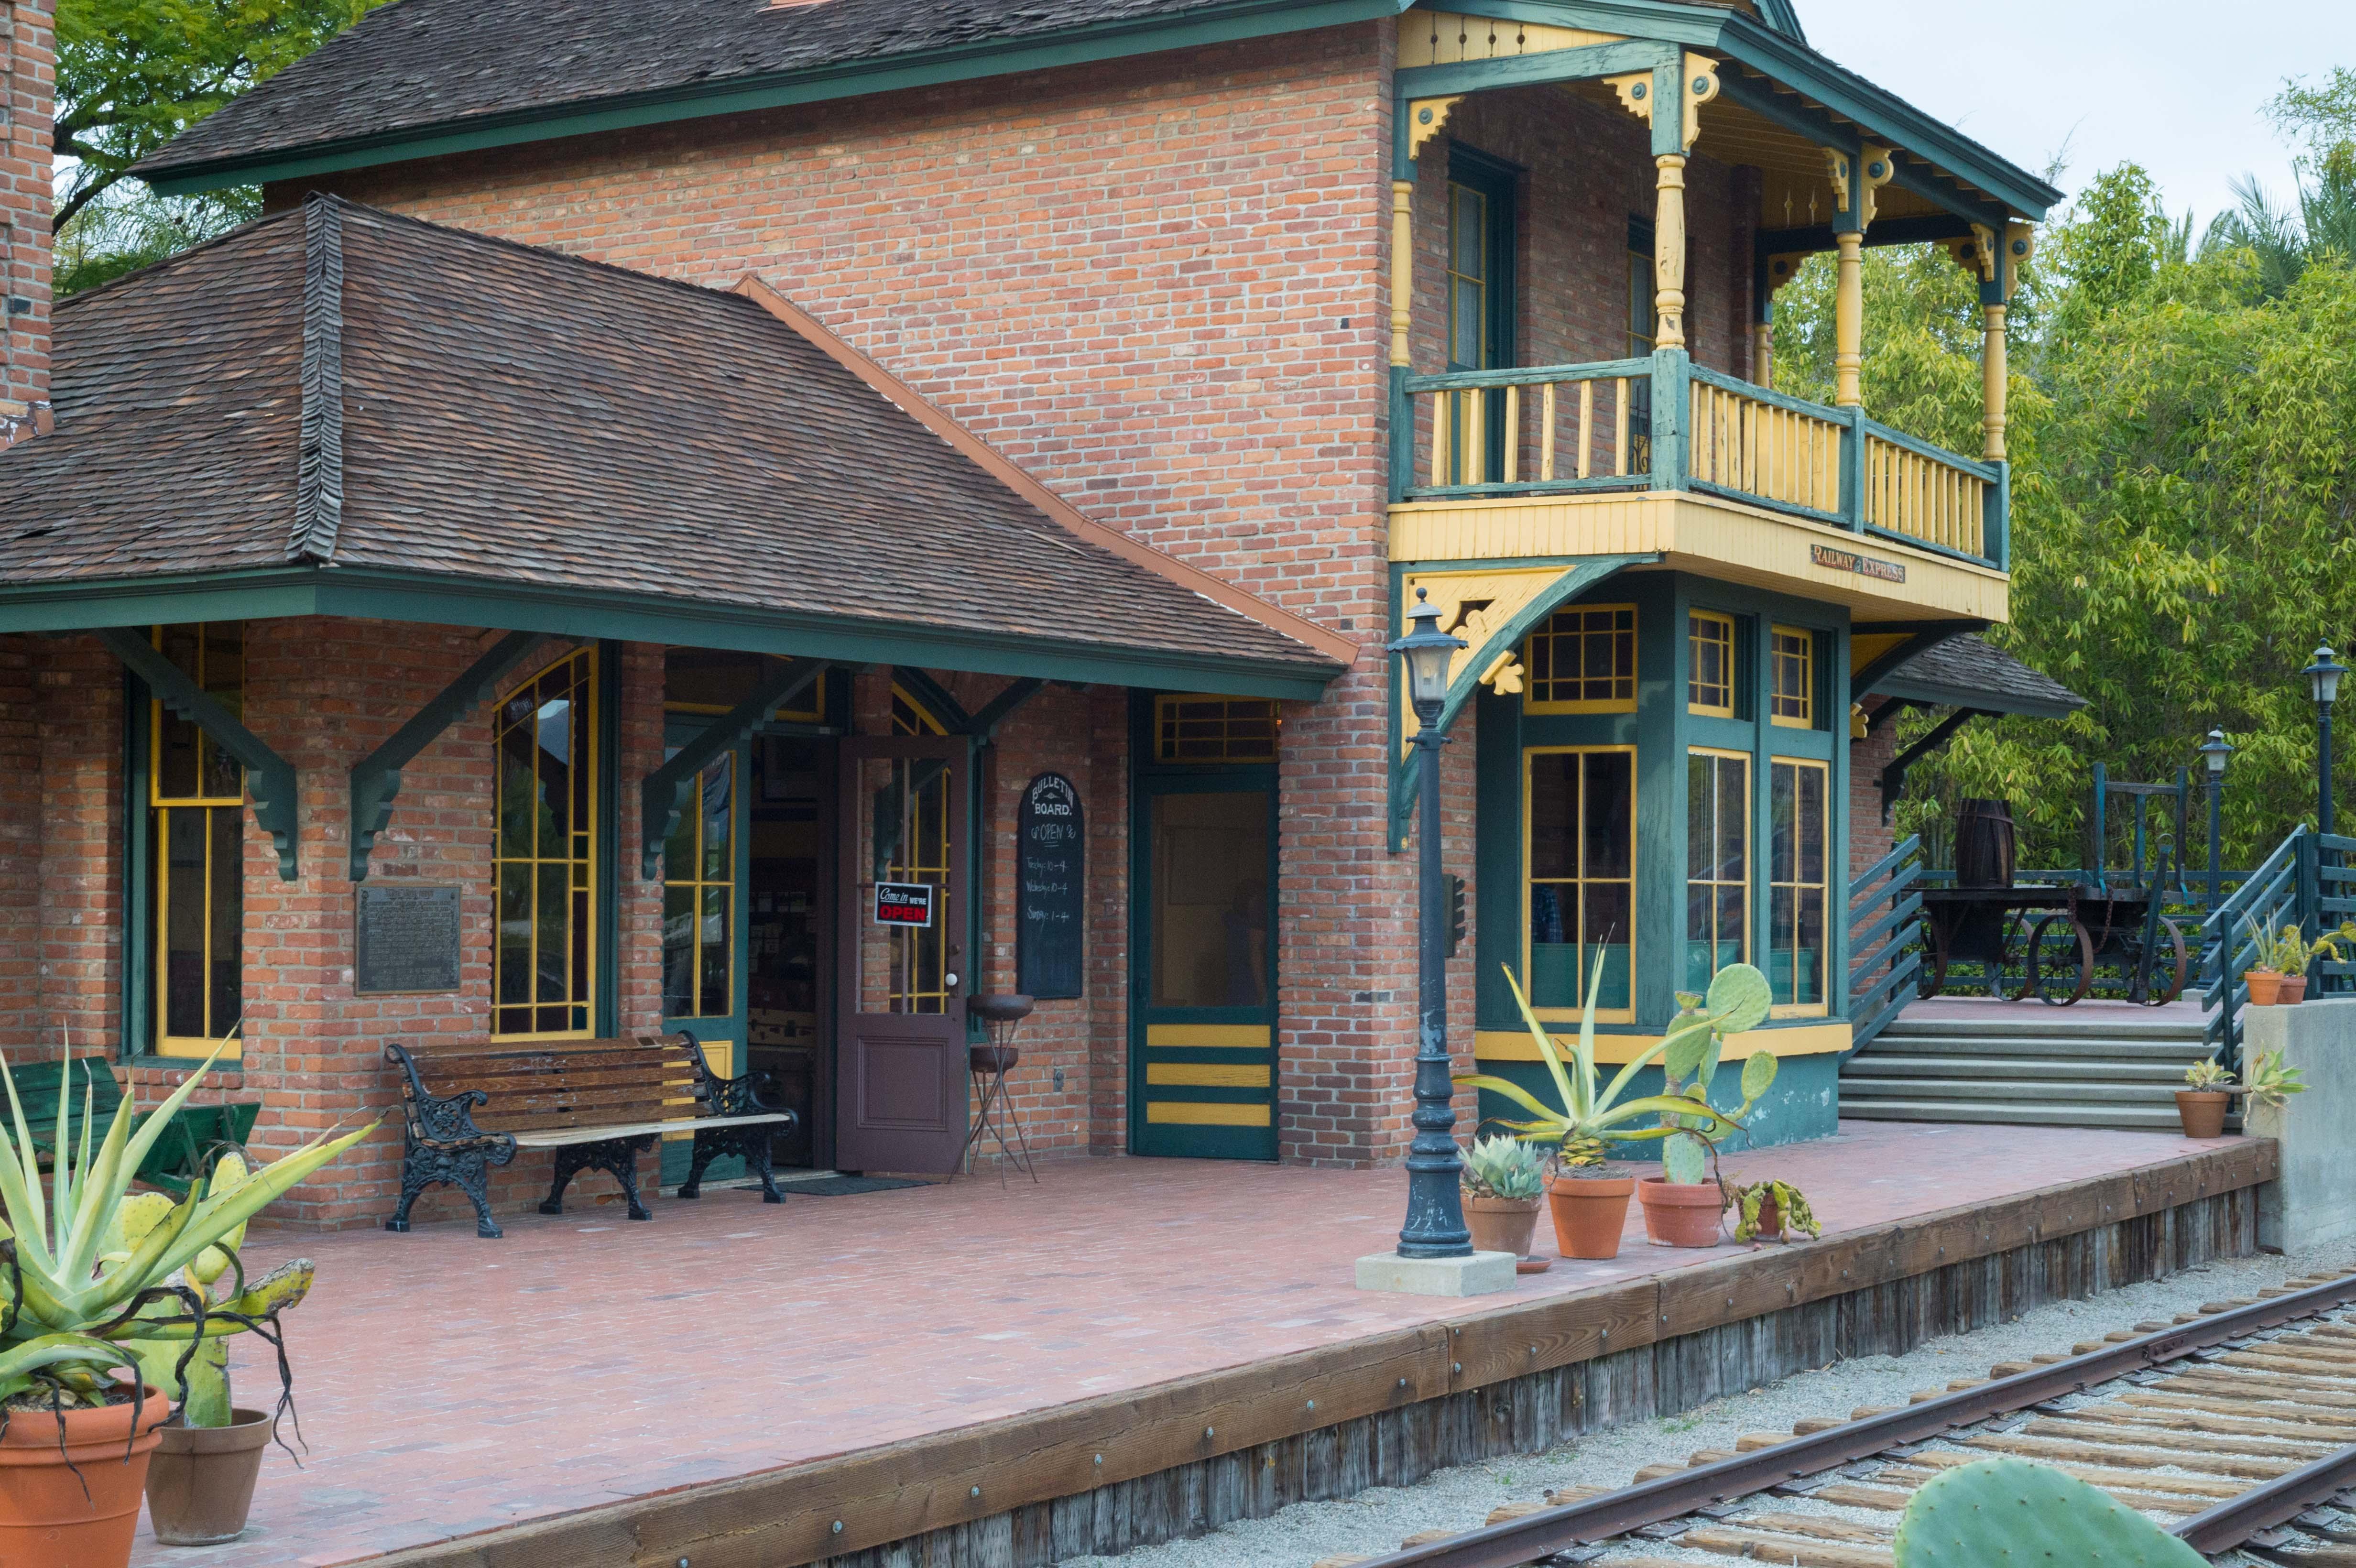 La vieja estación Sierra Madre, ubicada ahora en el Arboretum de Arcadia. Foto: Steve Hymon/Metro.